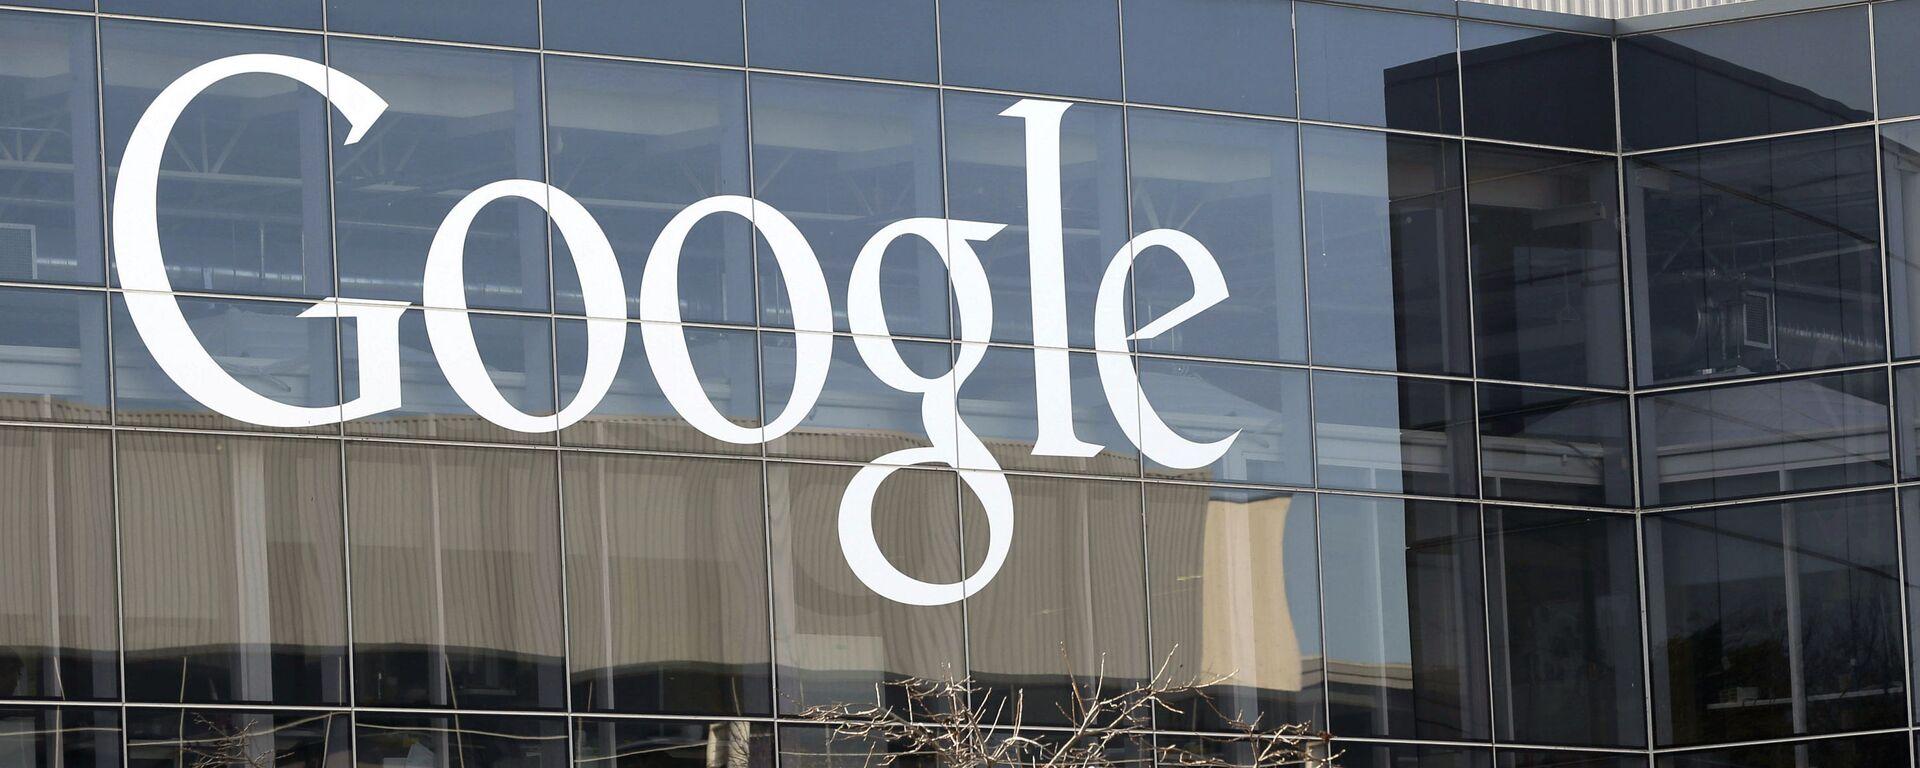 La sede de Google en California - Sputnik Mundo, 1920, 10.03.2021